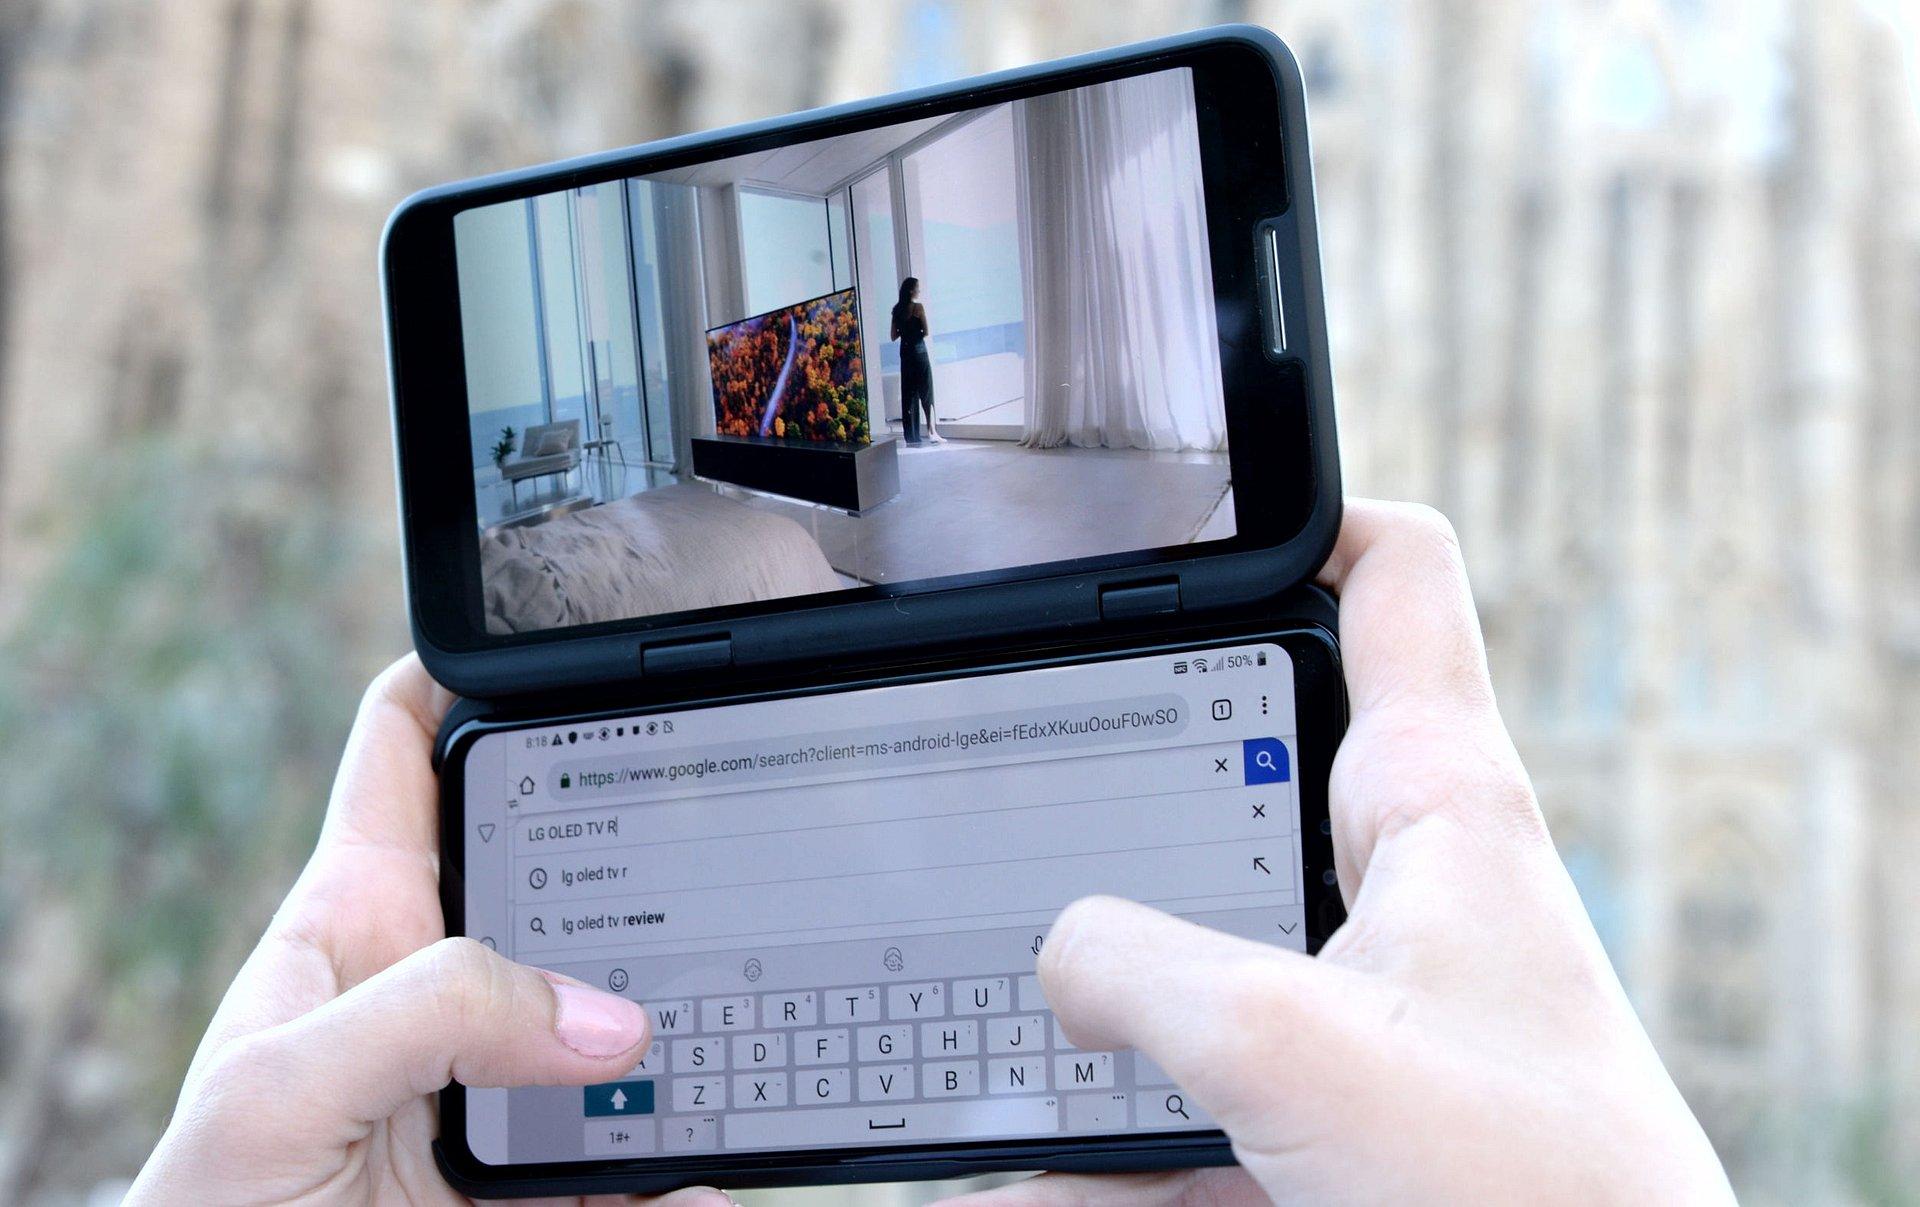 Dwa rewolucyjne smartfony LG zaprezentowane podczas targów MWC – LG V50 ThinQ 5G i LG G8 ThinQ